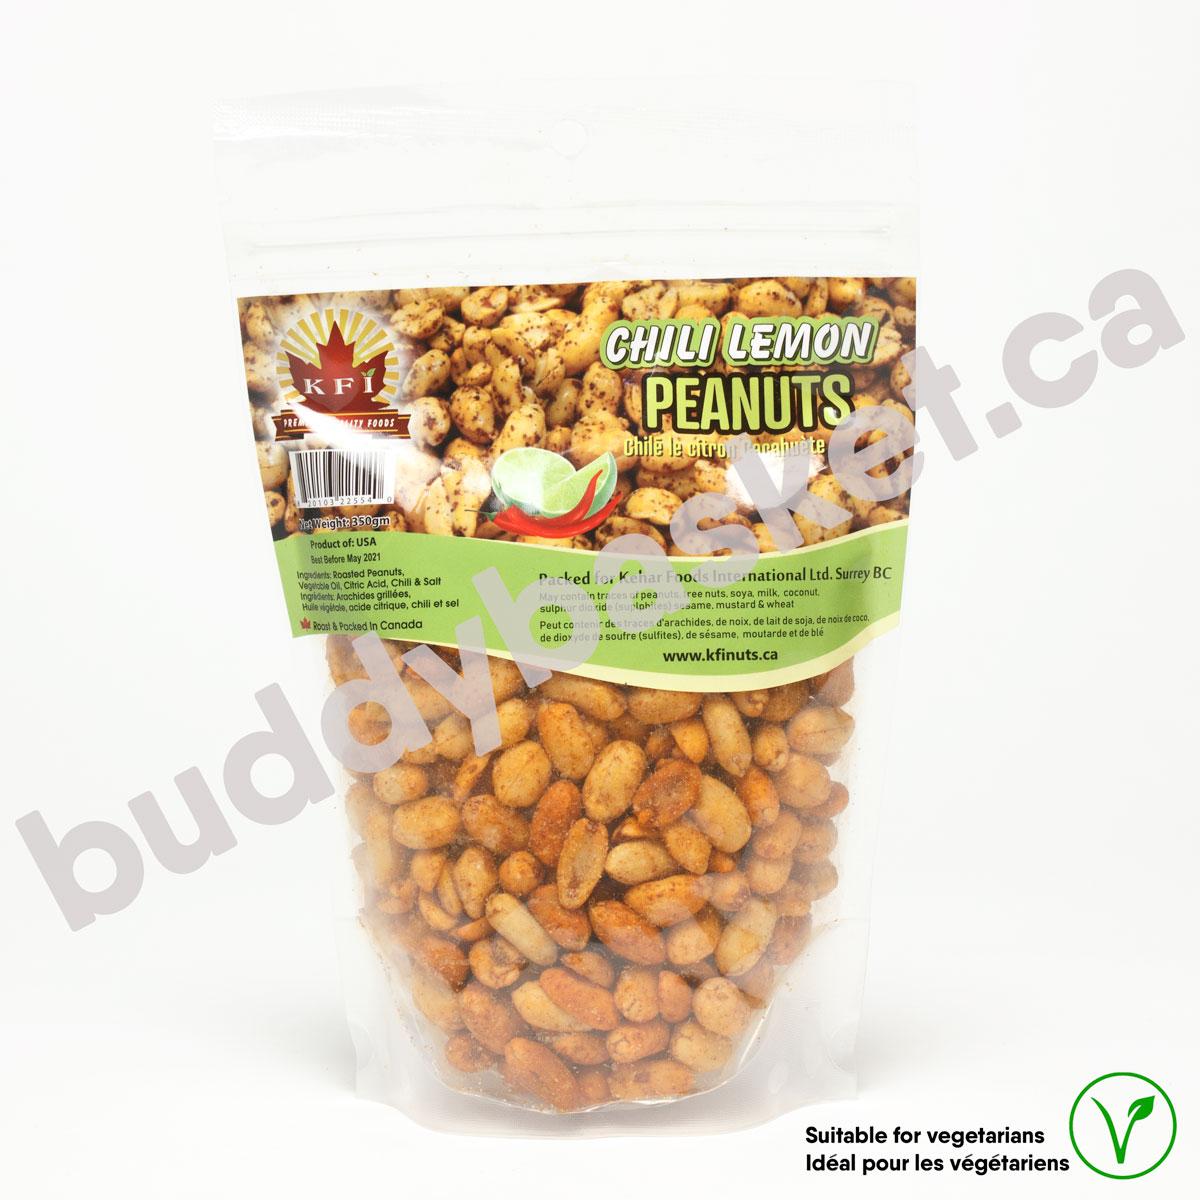 KFI Peanut Roasted Lemon 350g